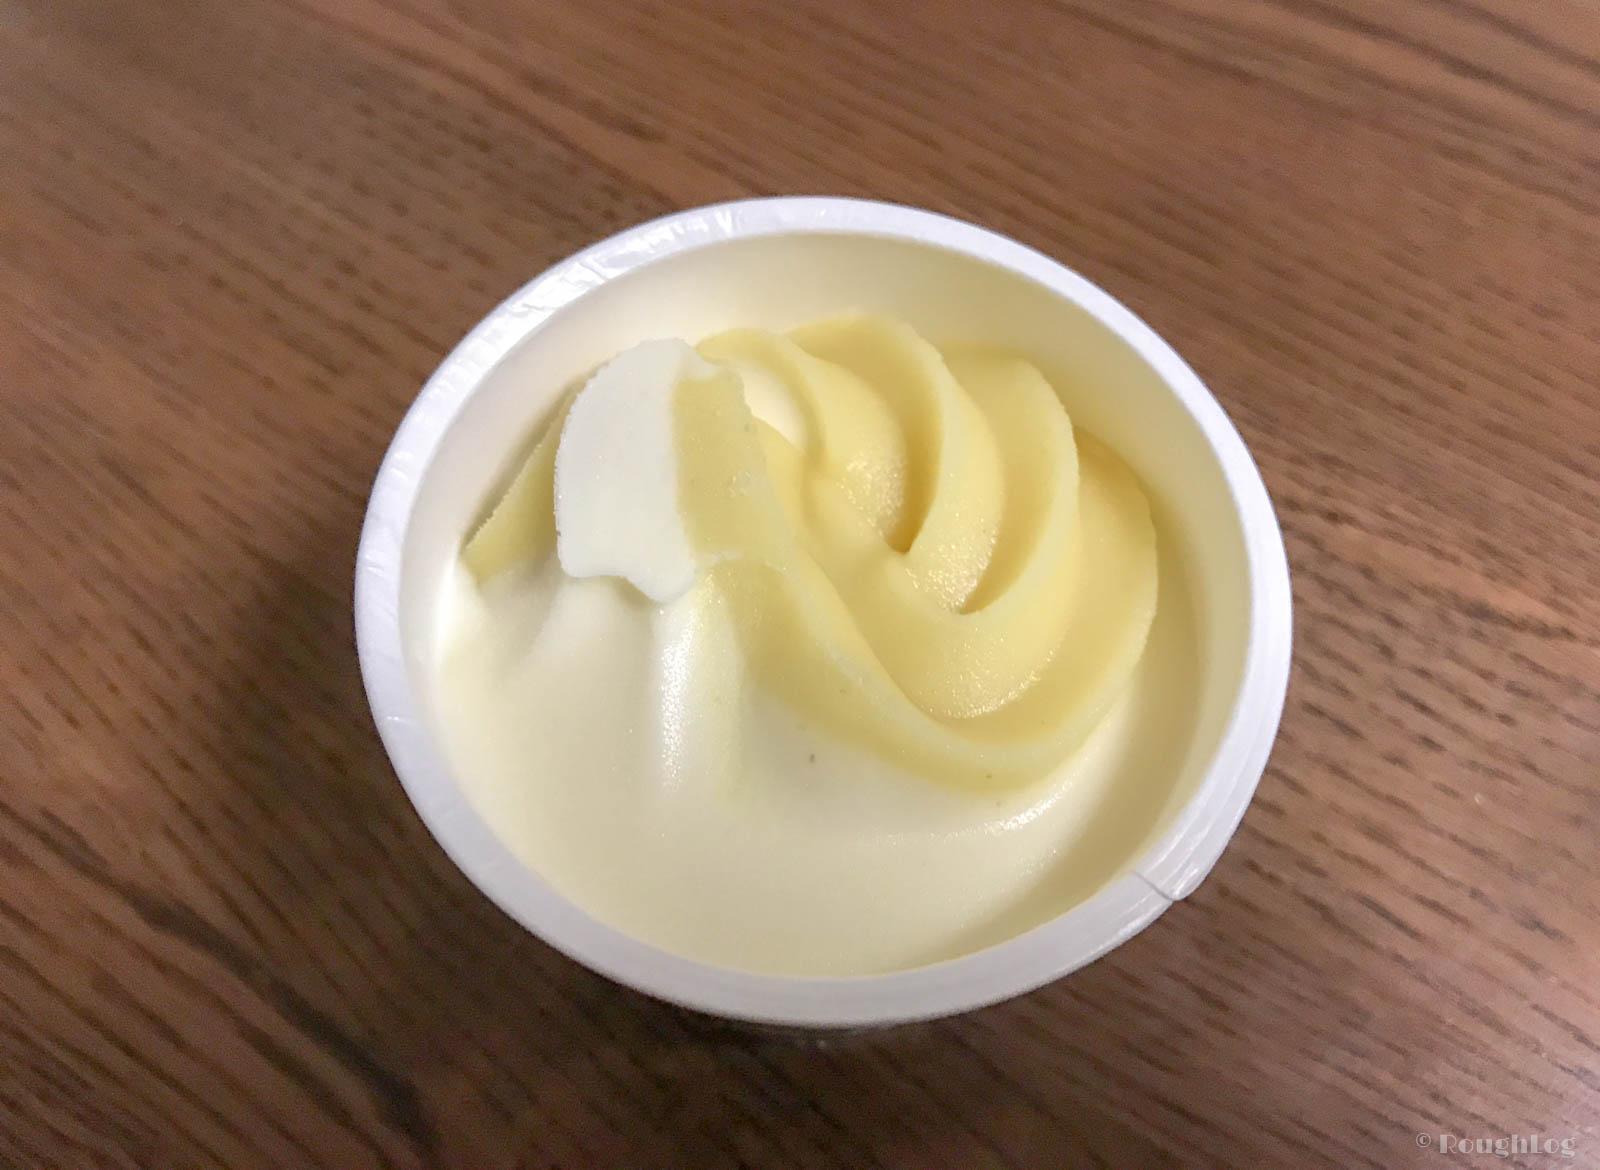 【ふるさと納税】北海道豊富町「とよとみ牛乳ソフトクリーム」季節のミックス(ラ・フランスミックス)味